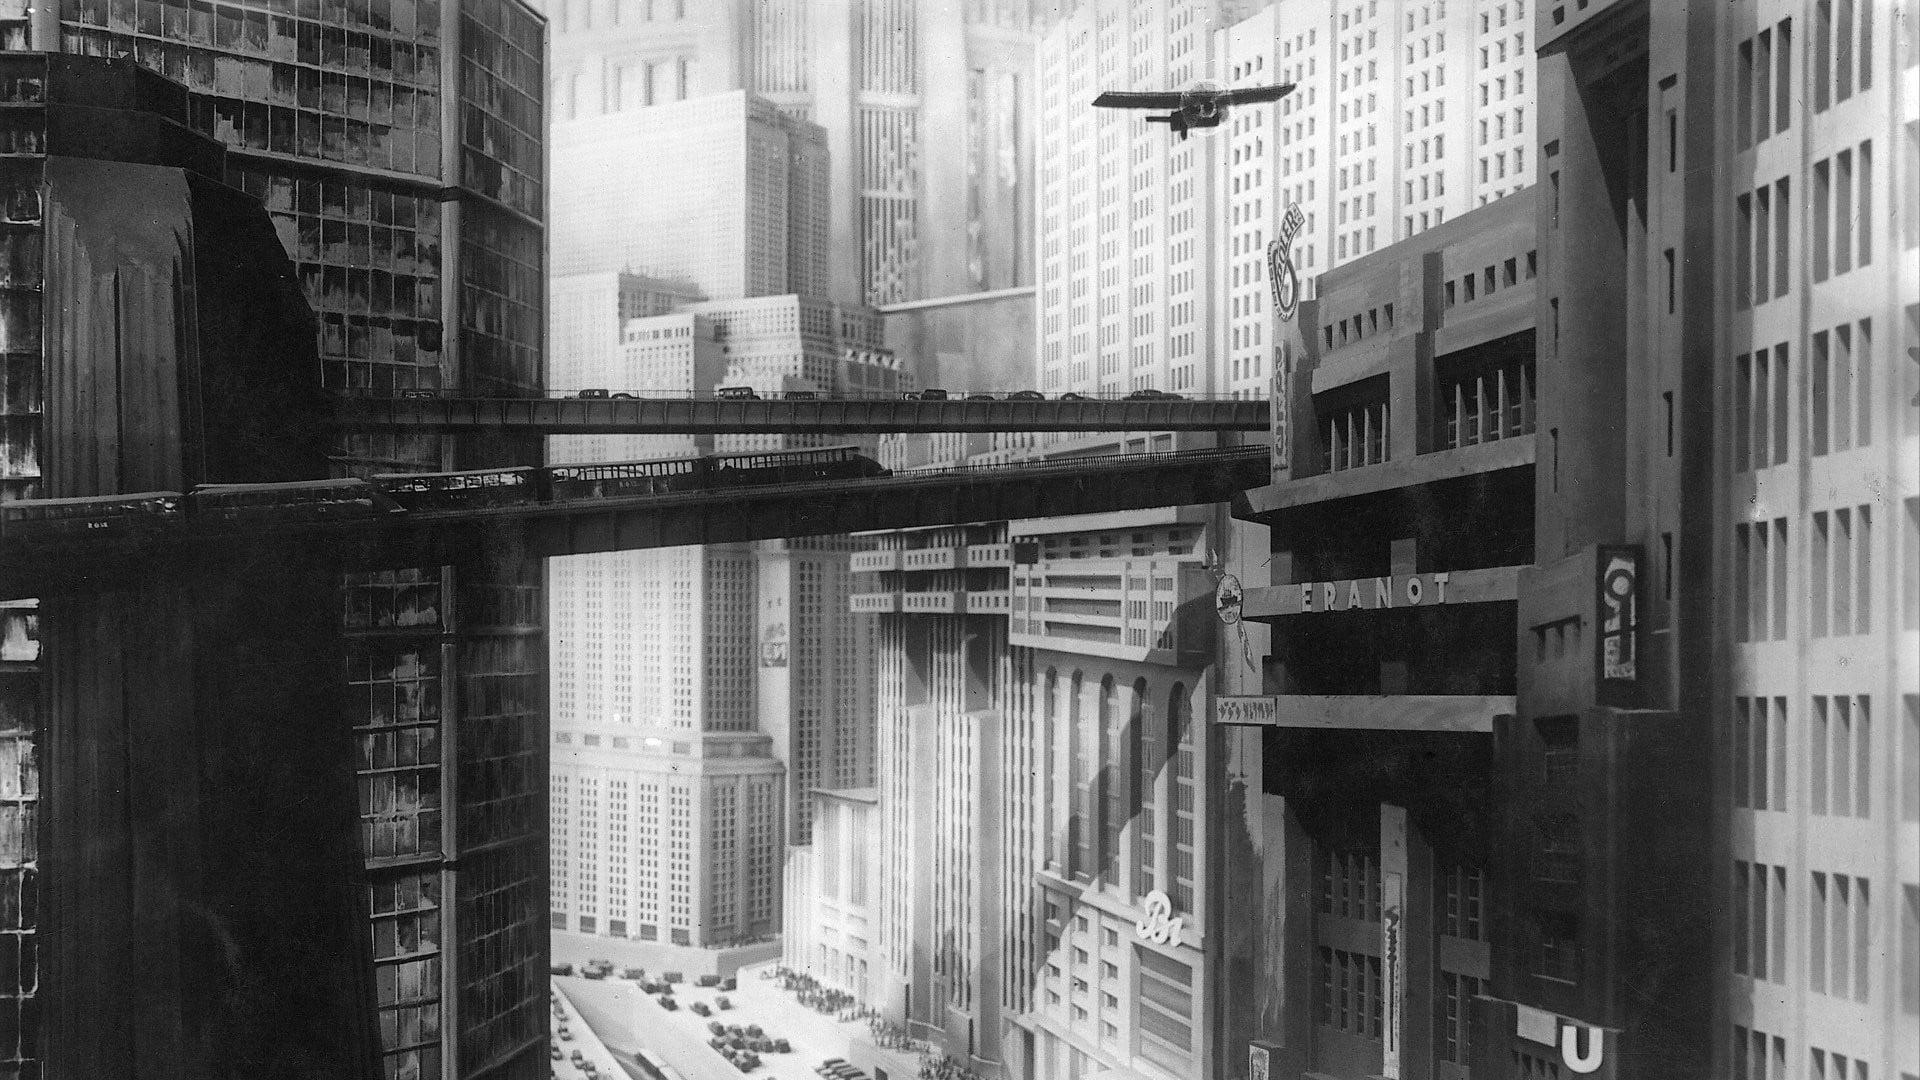 Metropolis backdrop